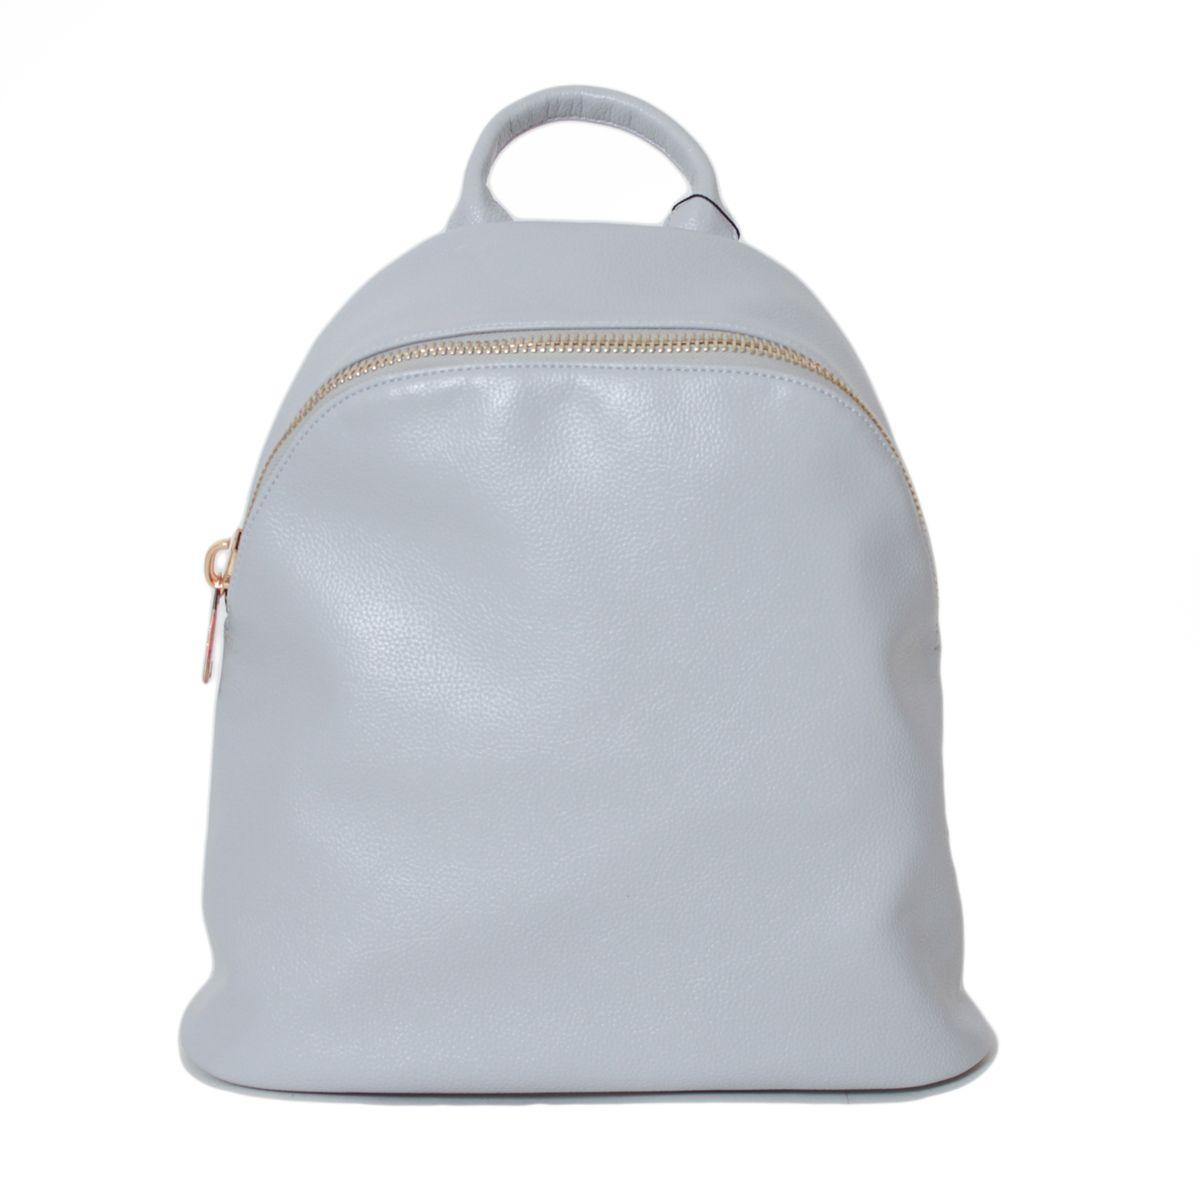 Рюкзак женский Flioraj, цвет: серый. 2137-12137-1 greyЗакрывается на молнию. Внутри одно отделение, один карман на молнии, два открытых кармана. Снаружи один карман на молнии. Высота ручки - 8 см.